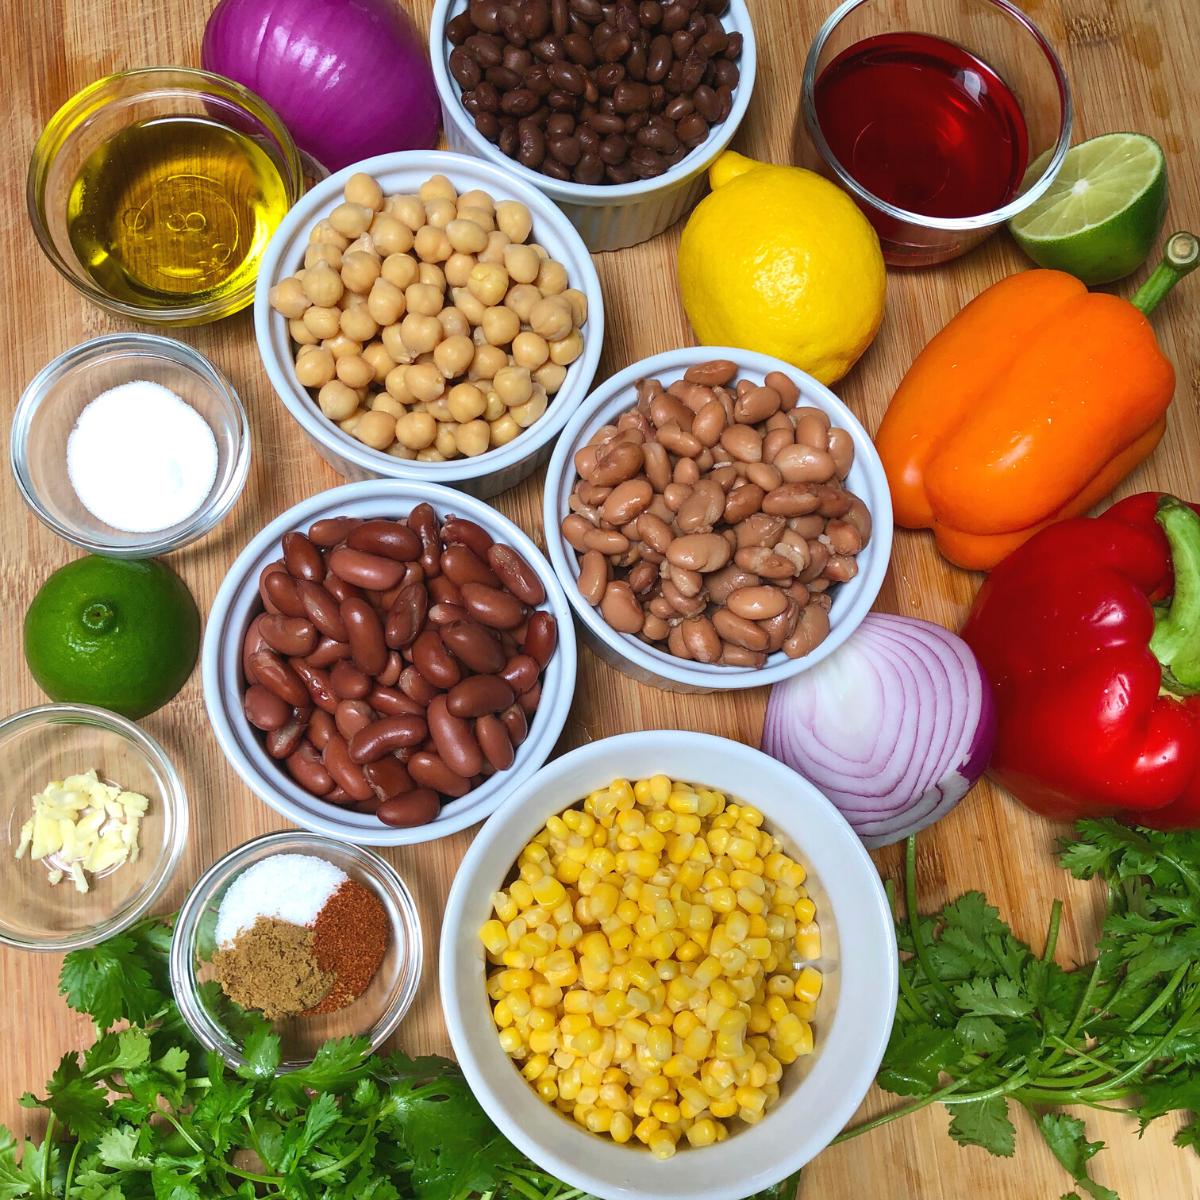 Ingredients to make four bean salad.